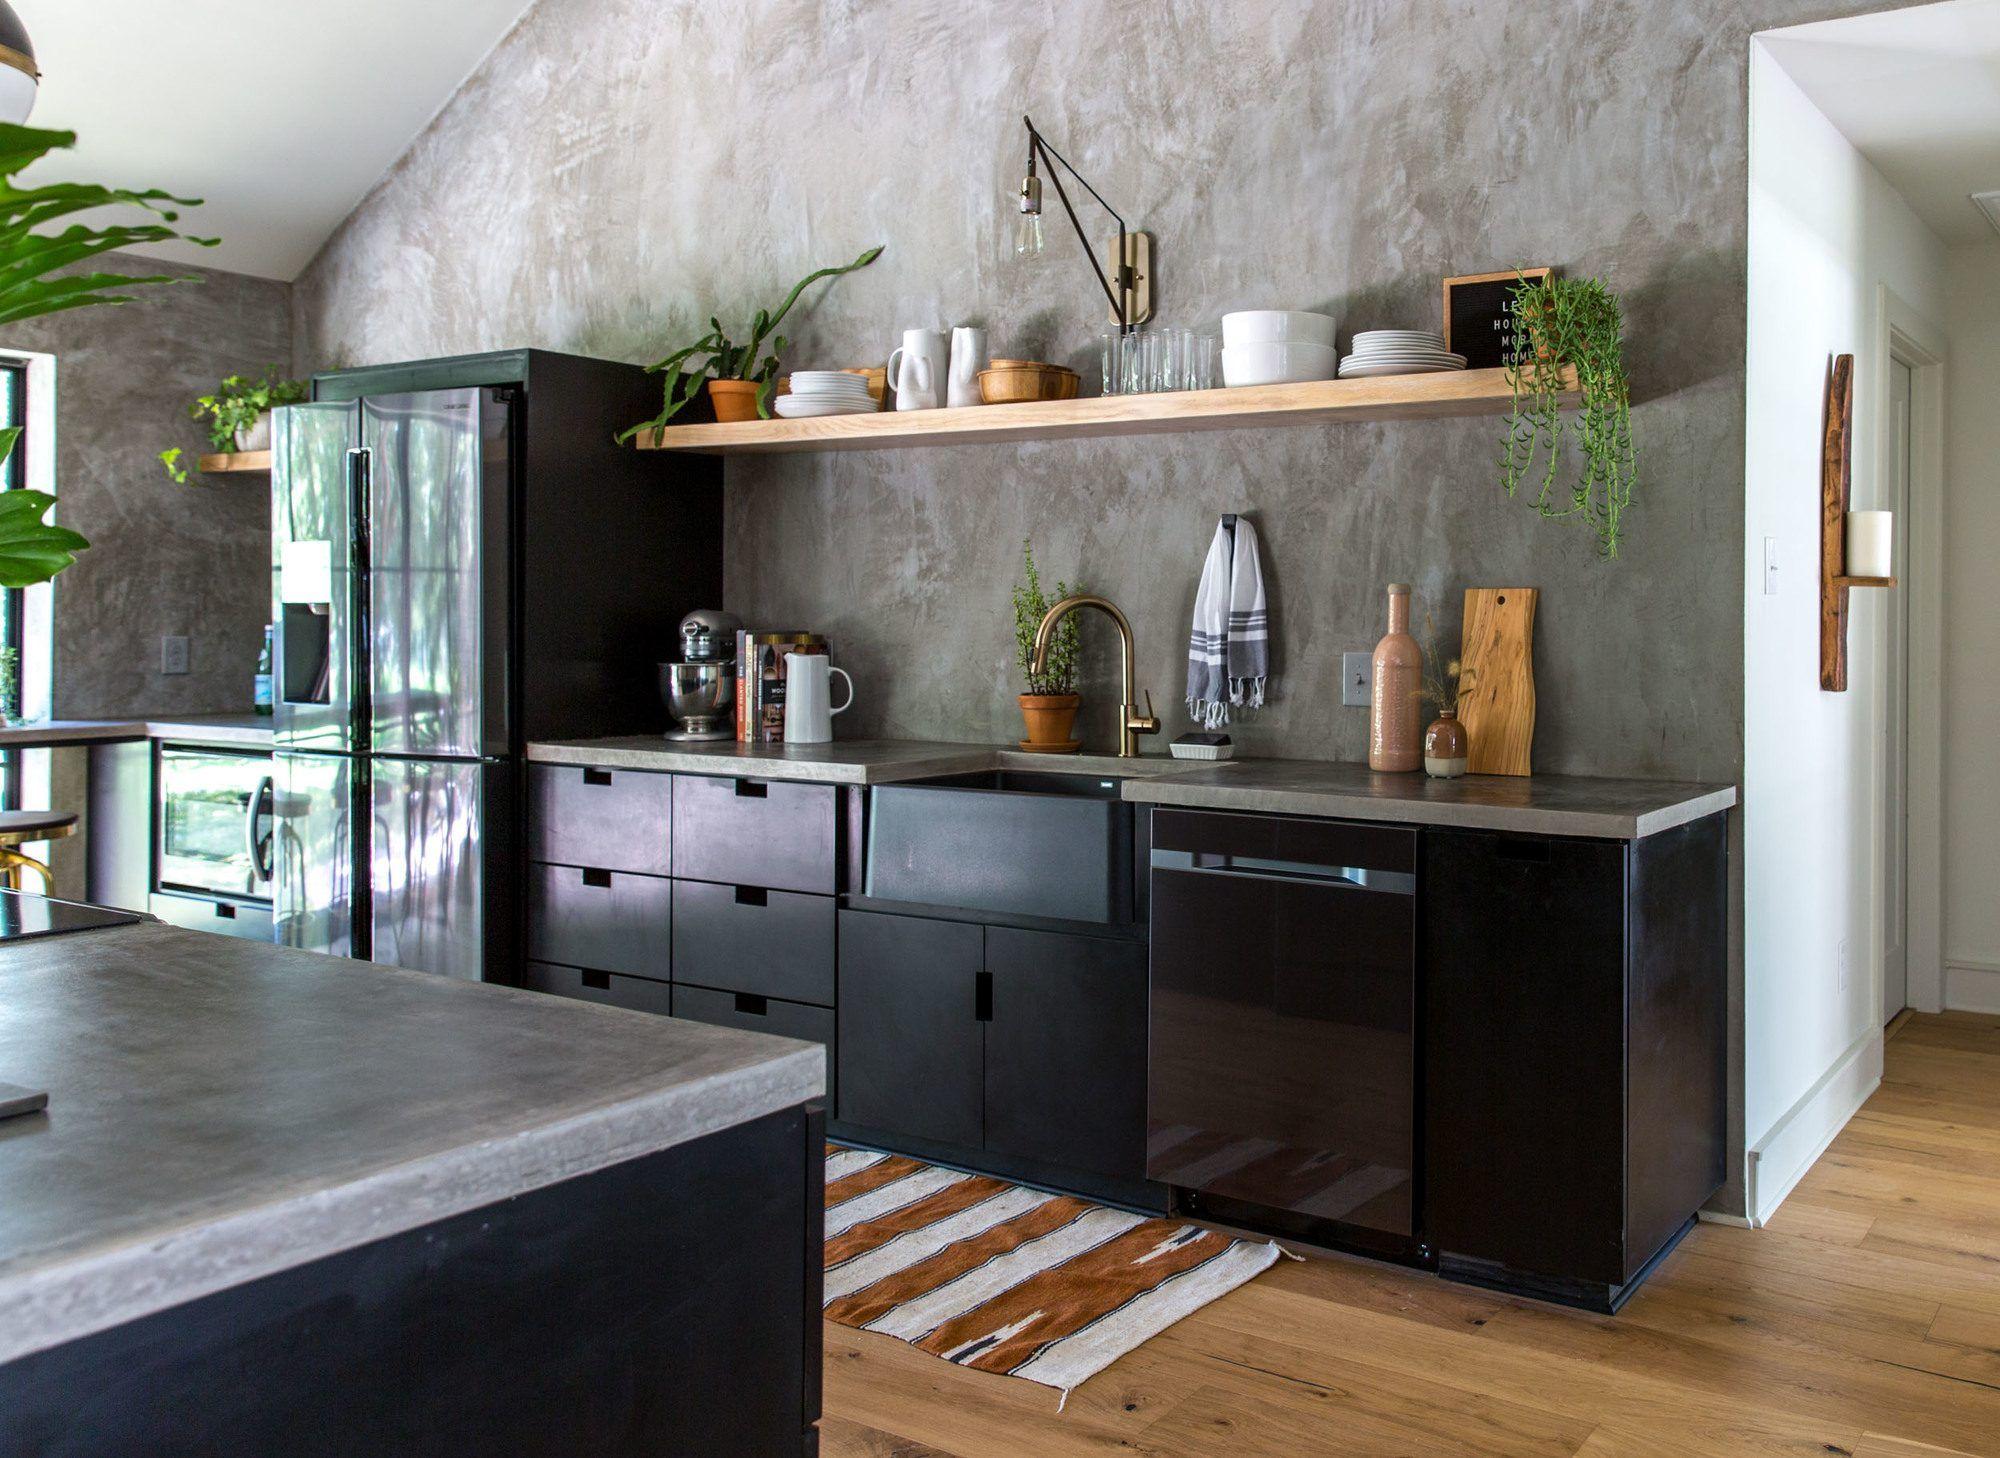 fixer upper in 2019 fixer upper kitchen farmhouse kitchen cabinets accent wall in kitchen on kitchen cabinets upper id=89729